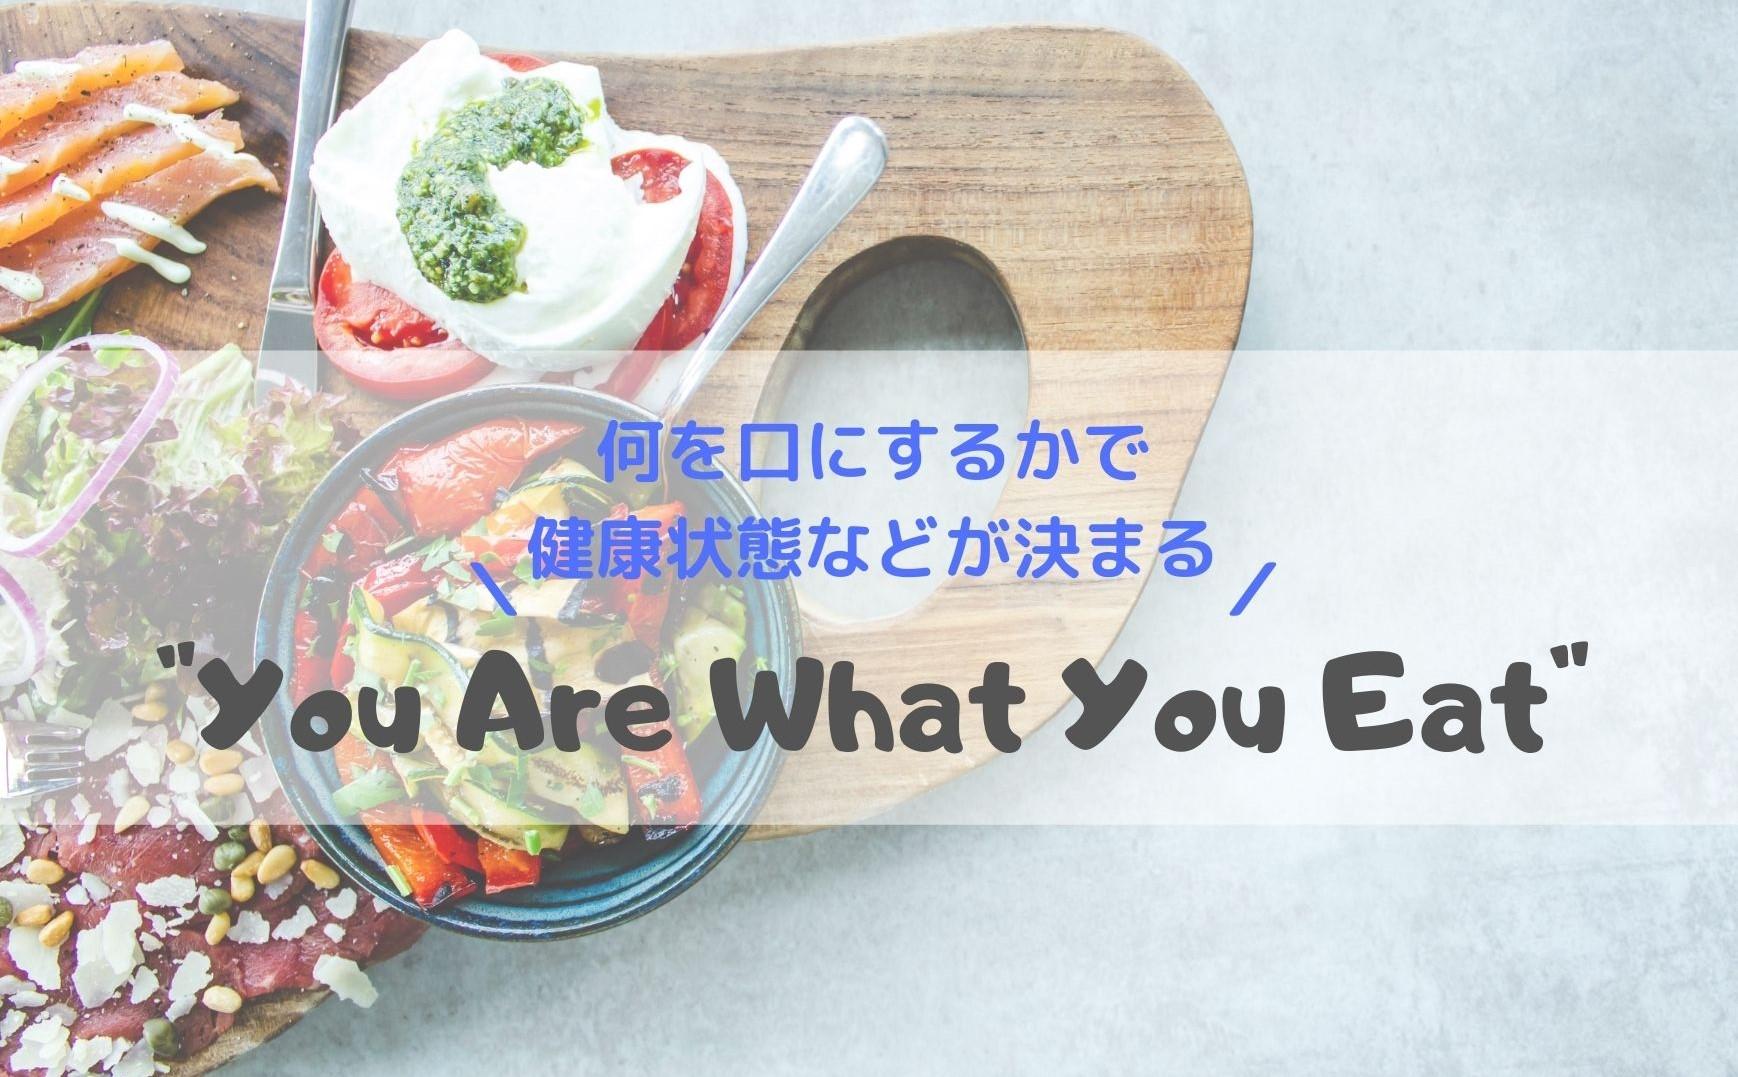 英語 健康 状態